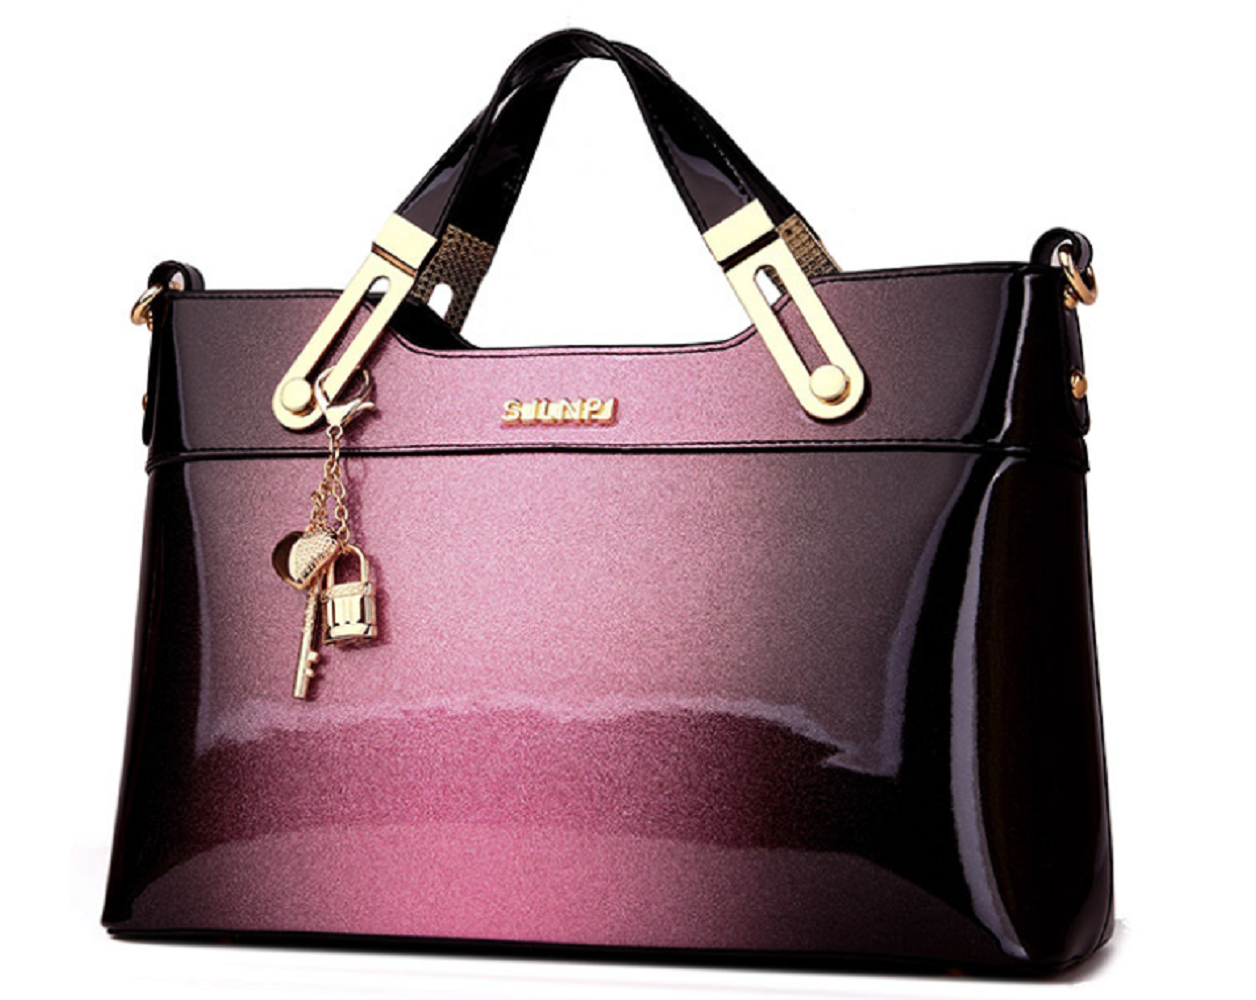 Fashion handbags for sale 4